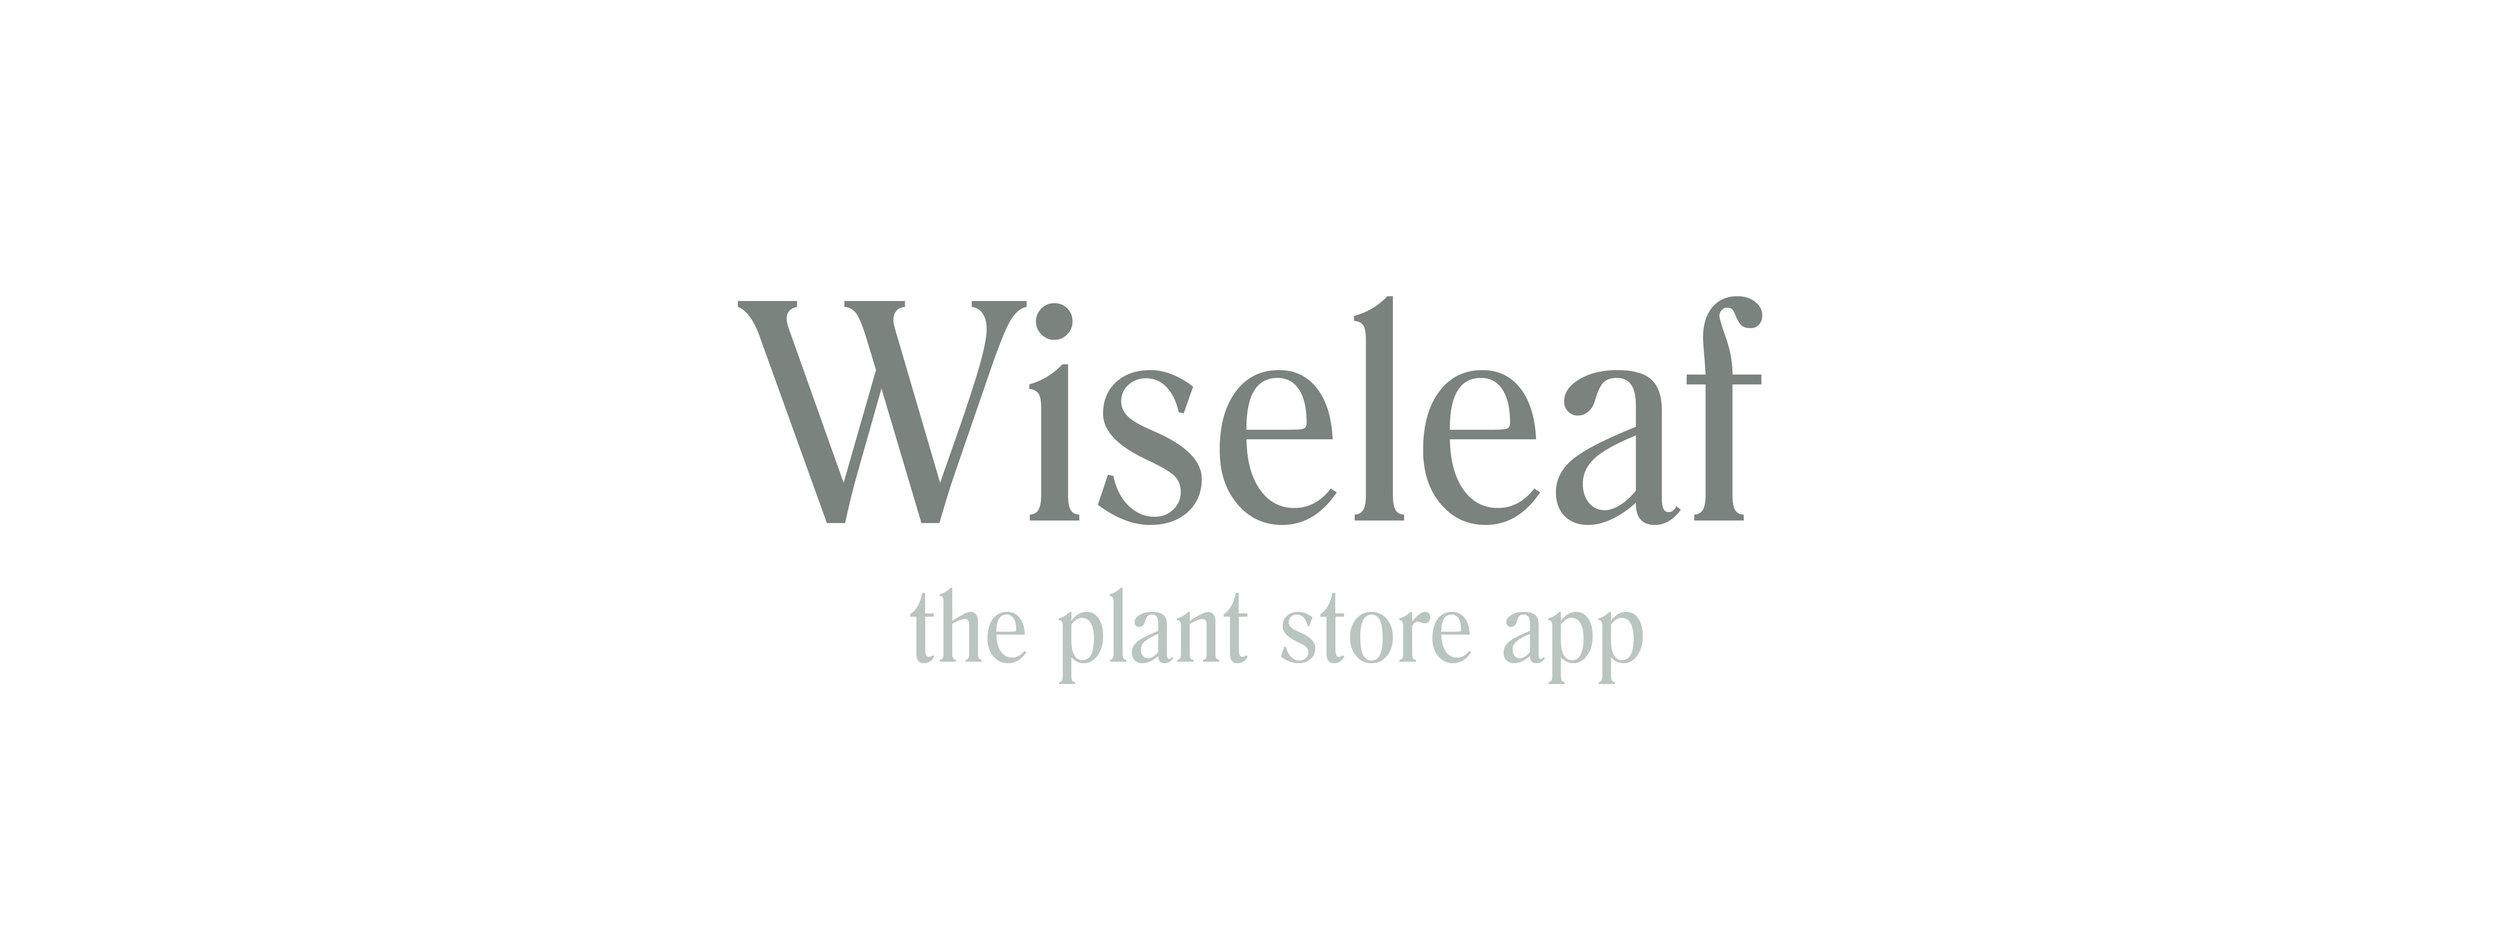 wiseleaf_header.jpg